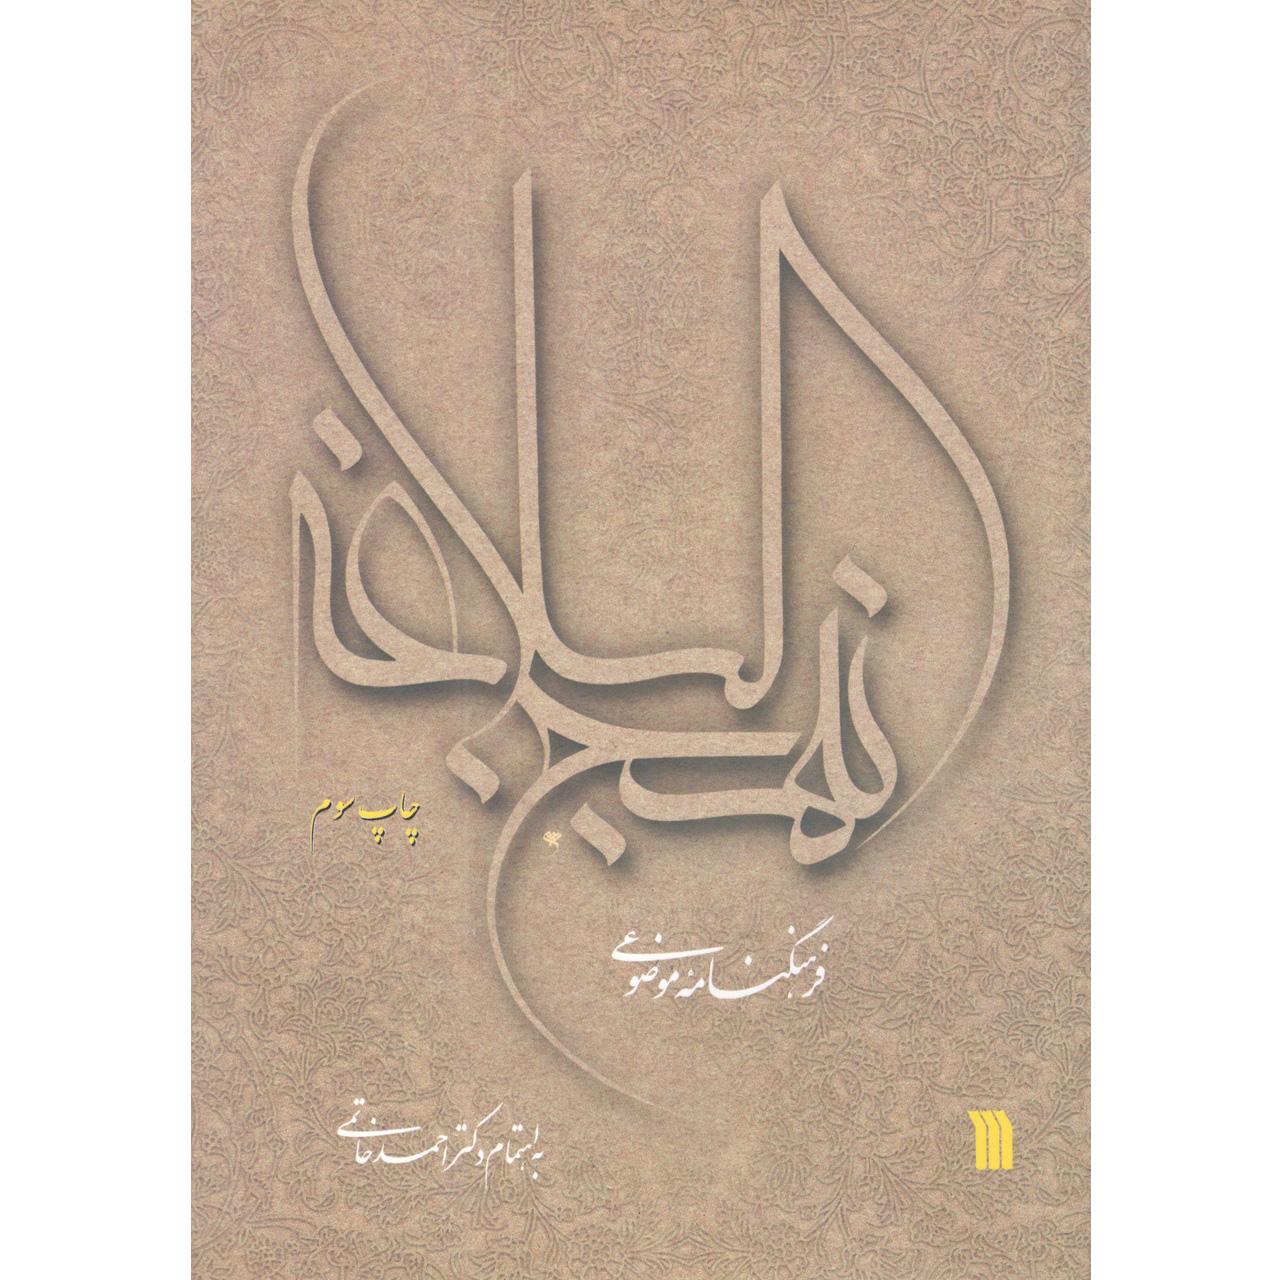 خرید                      کتاب فرهنگنامه موضوعی نهج البلاغه اثر دکتر احمد خاتمی انتشارات سروش